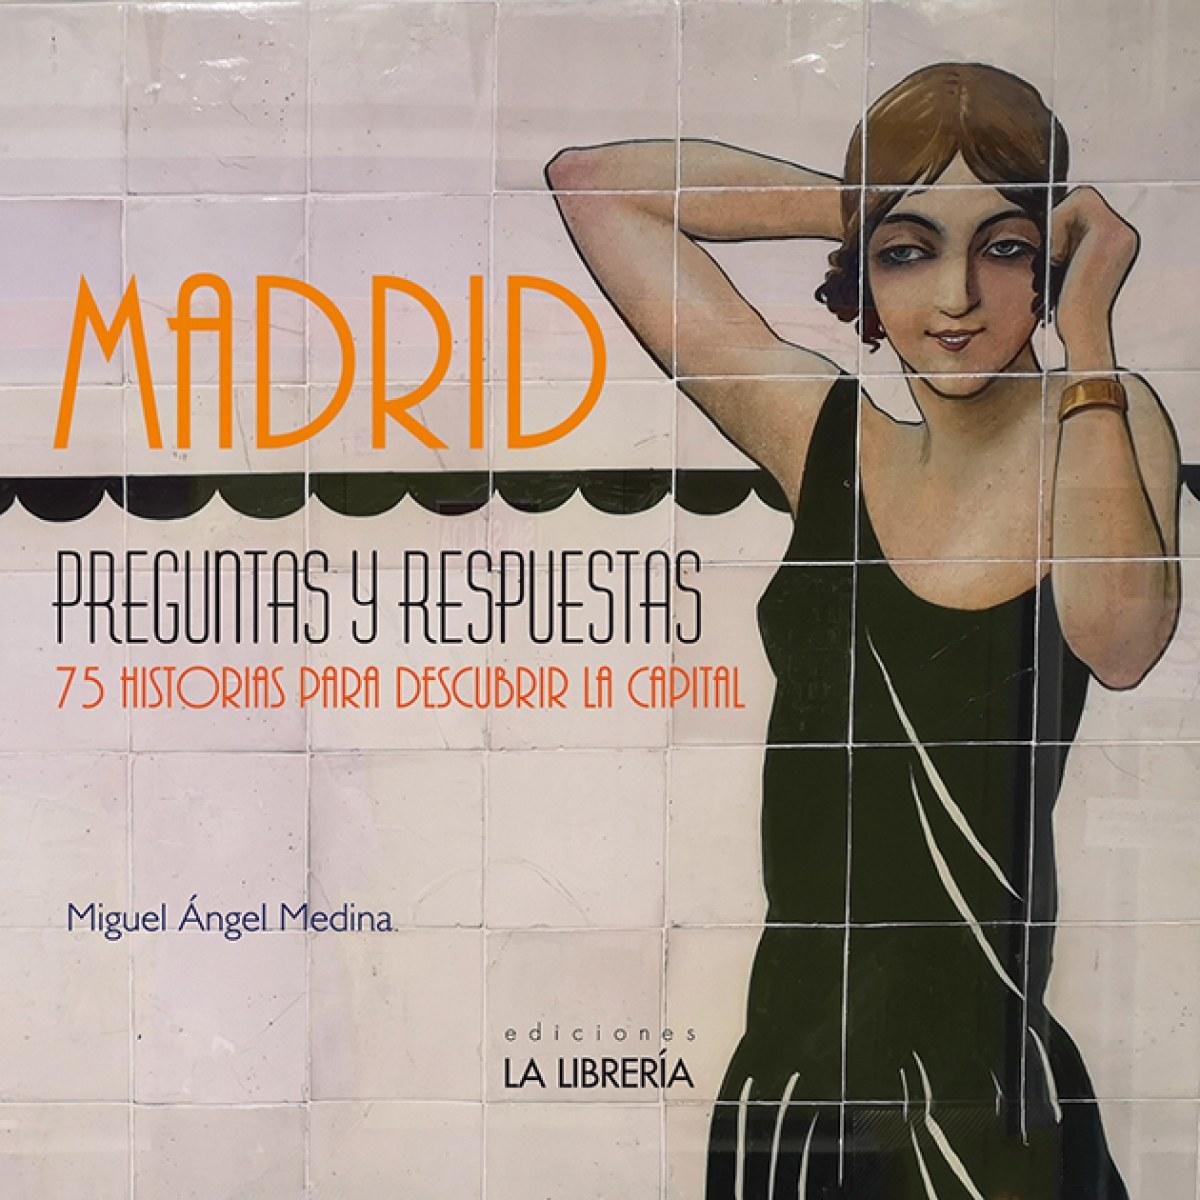 MADRID PREGUNTAS Y RESPUESTAS